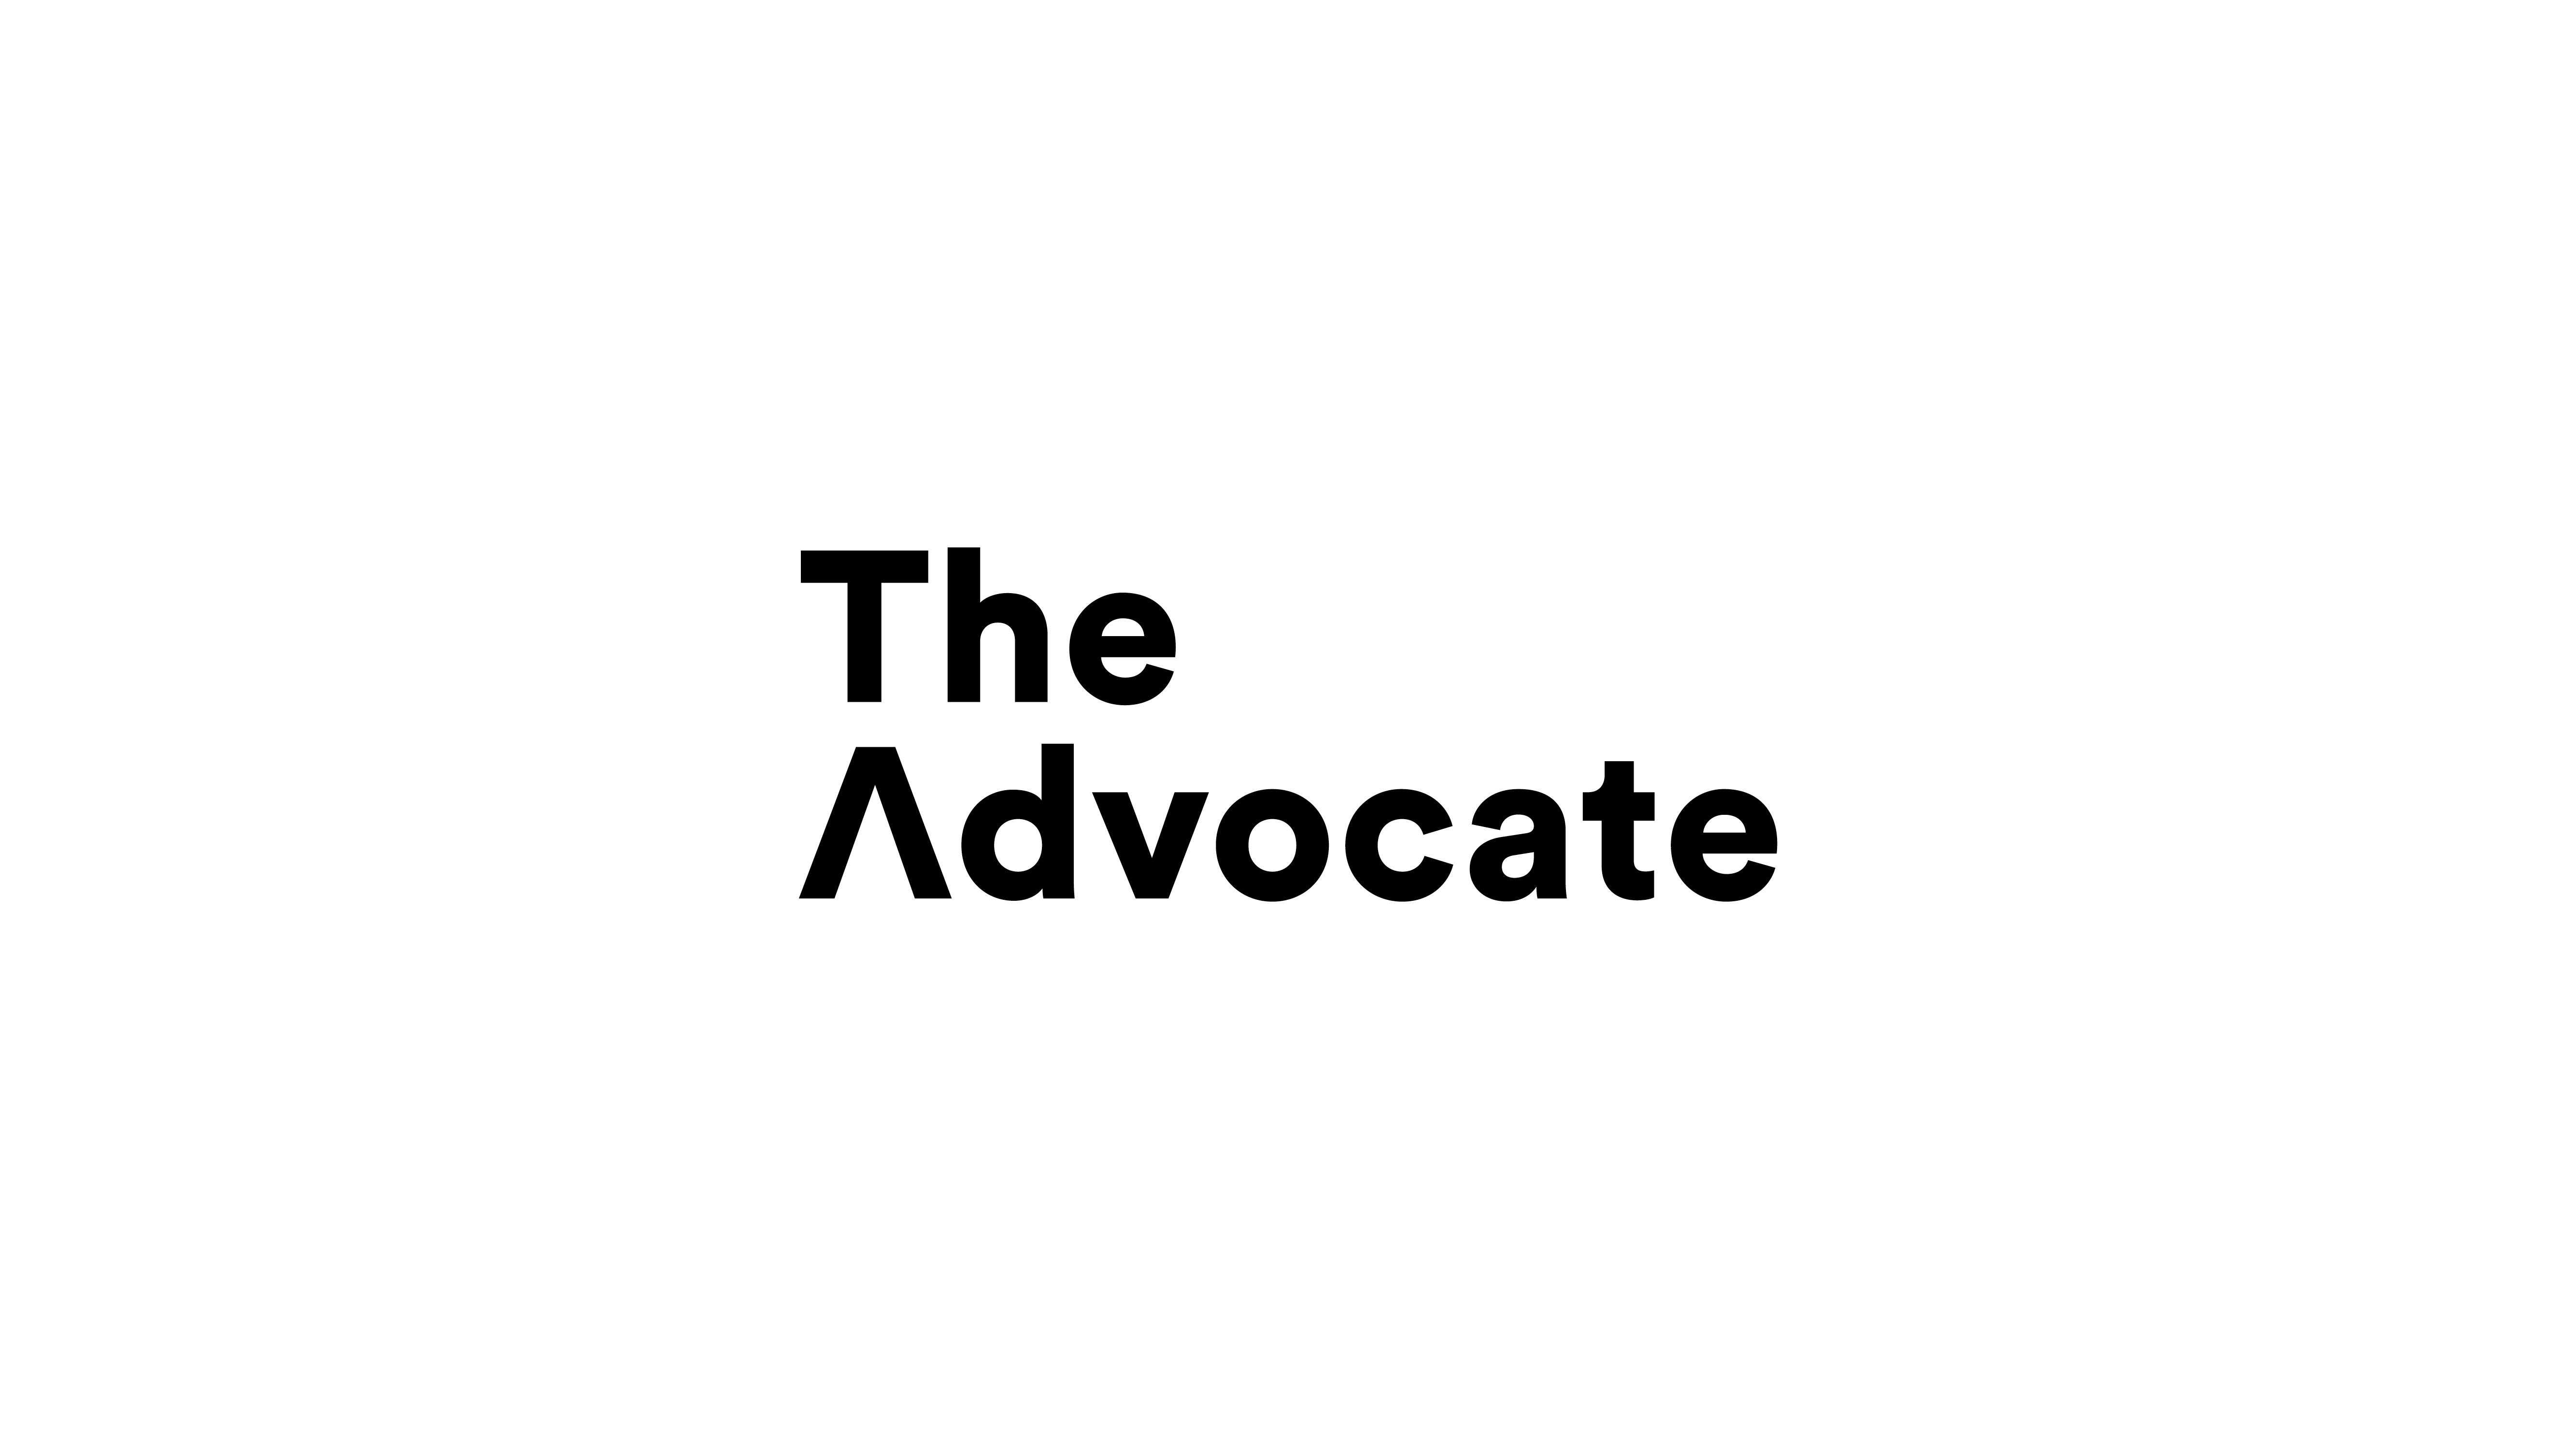 Advocate portfoilo v12